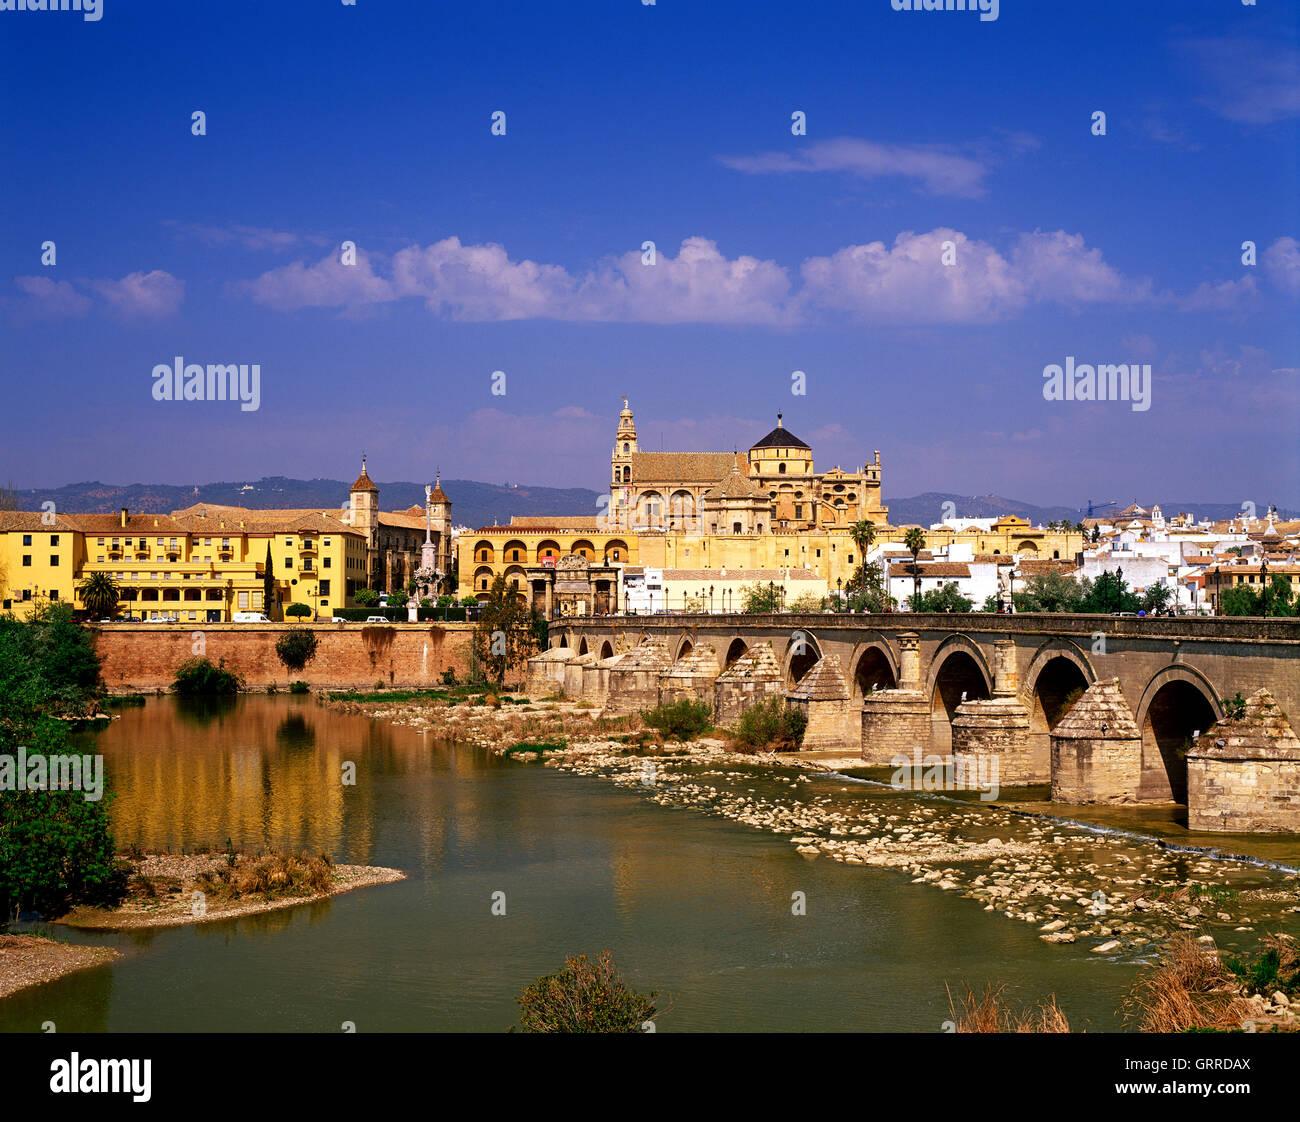 Pont Romain et la Cathédrale, Cordoue, Andalousie, Espagne Photo Stock